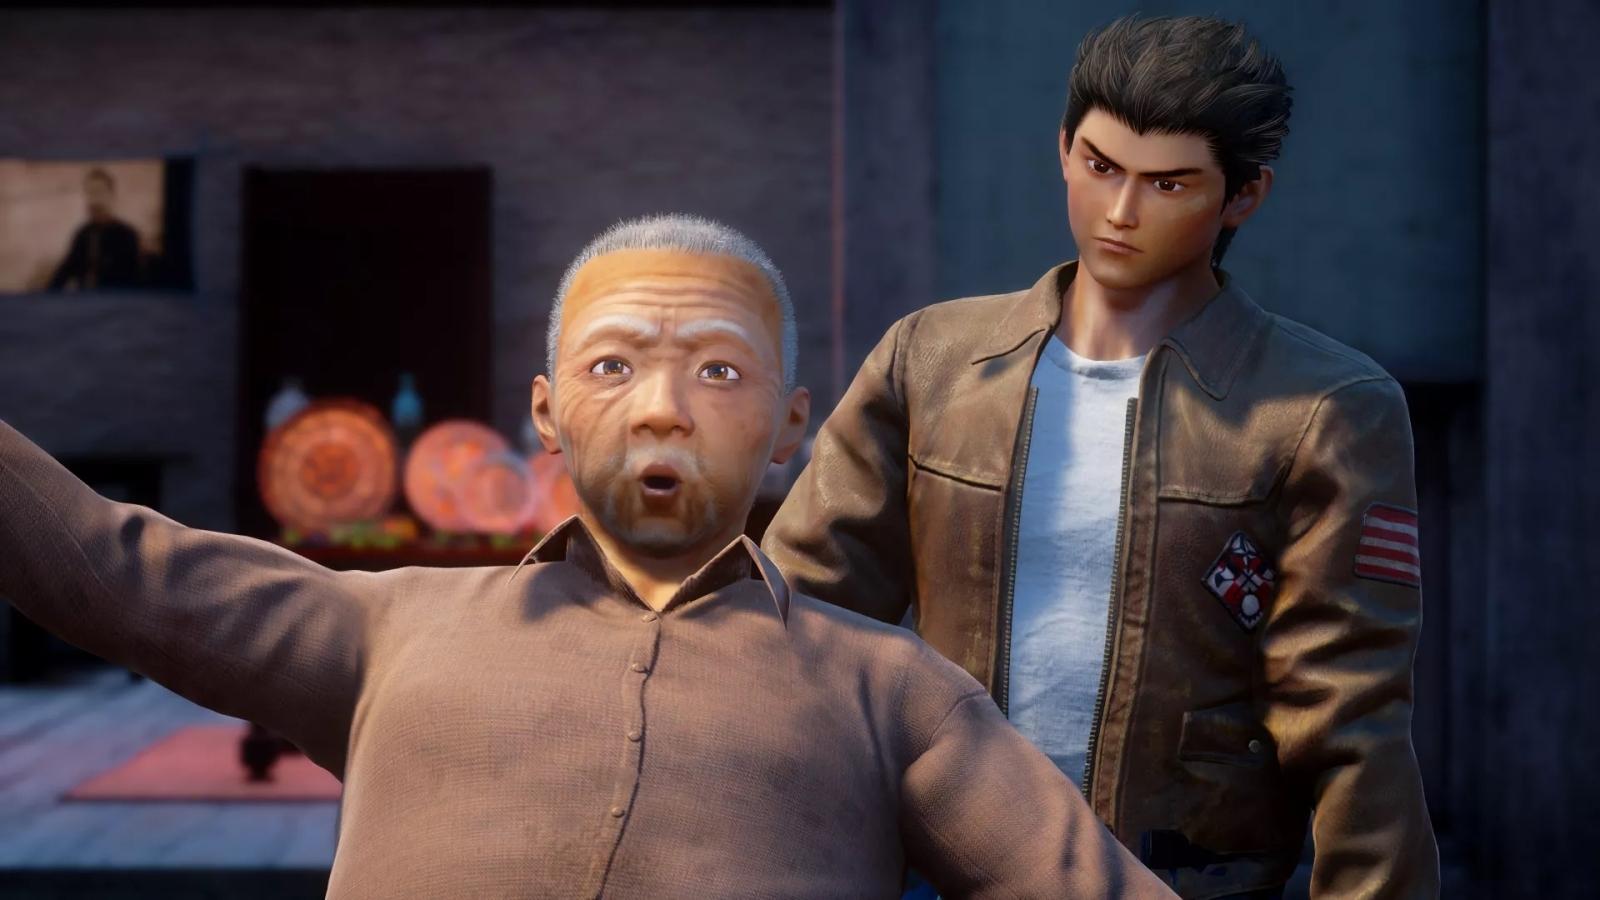 Shenmue III не впечатлила критиков: «Сойдёт как повод поностальгировать, но как игра никуда не годится»